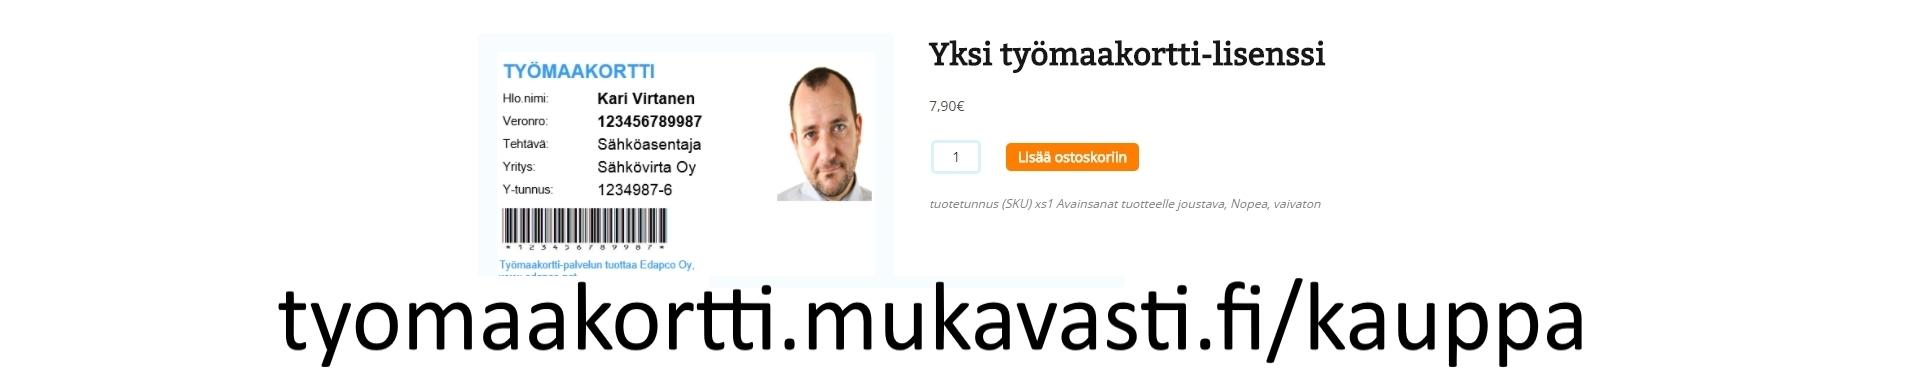 tyomaakortti.mukavasti.fi/kauppa